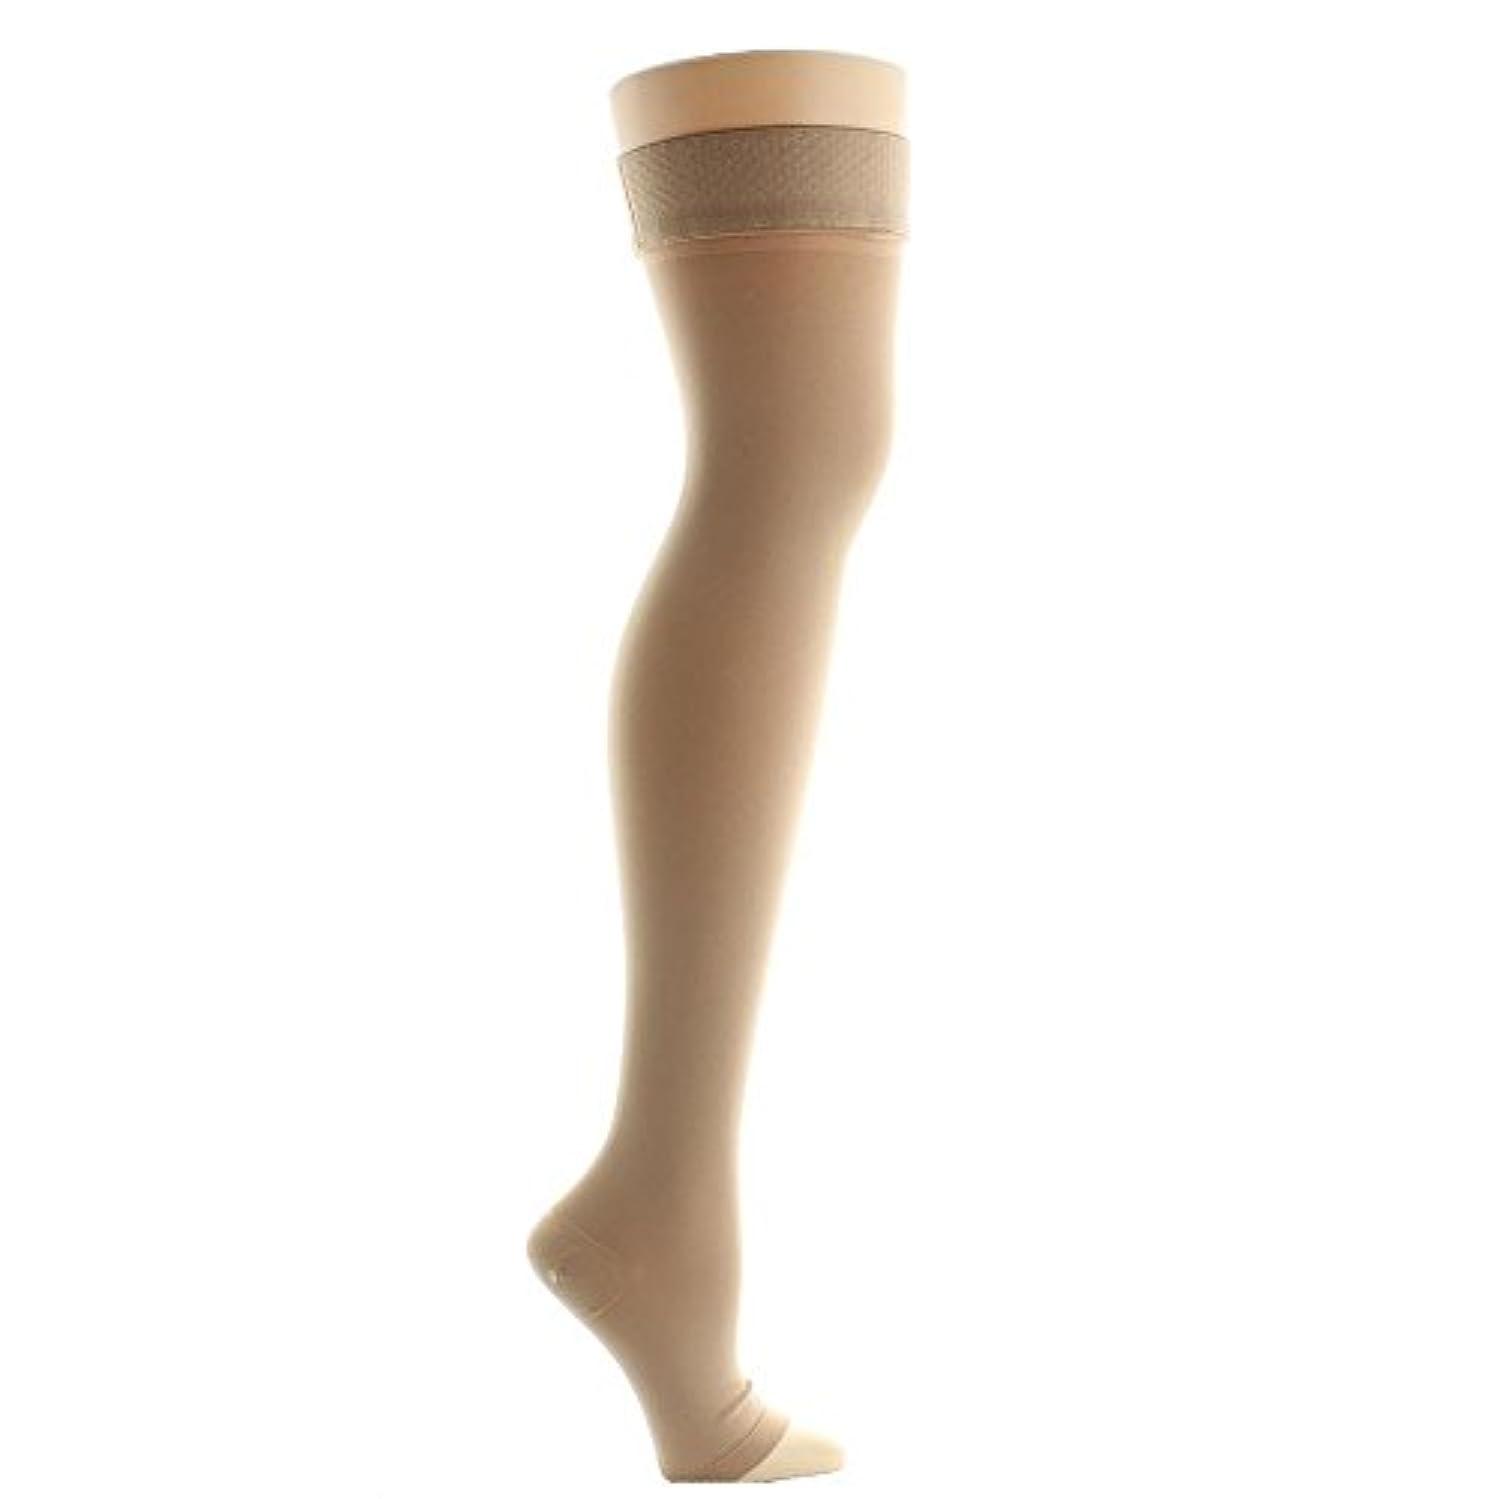 葉巨人ファッションVenosan VenoMedical USA Open Toe Thigh Highs w/Silicone Dot Band - 30-40 mmHg Beige Small Reg 3040212H by Venosan